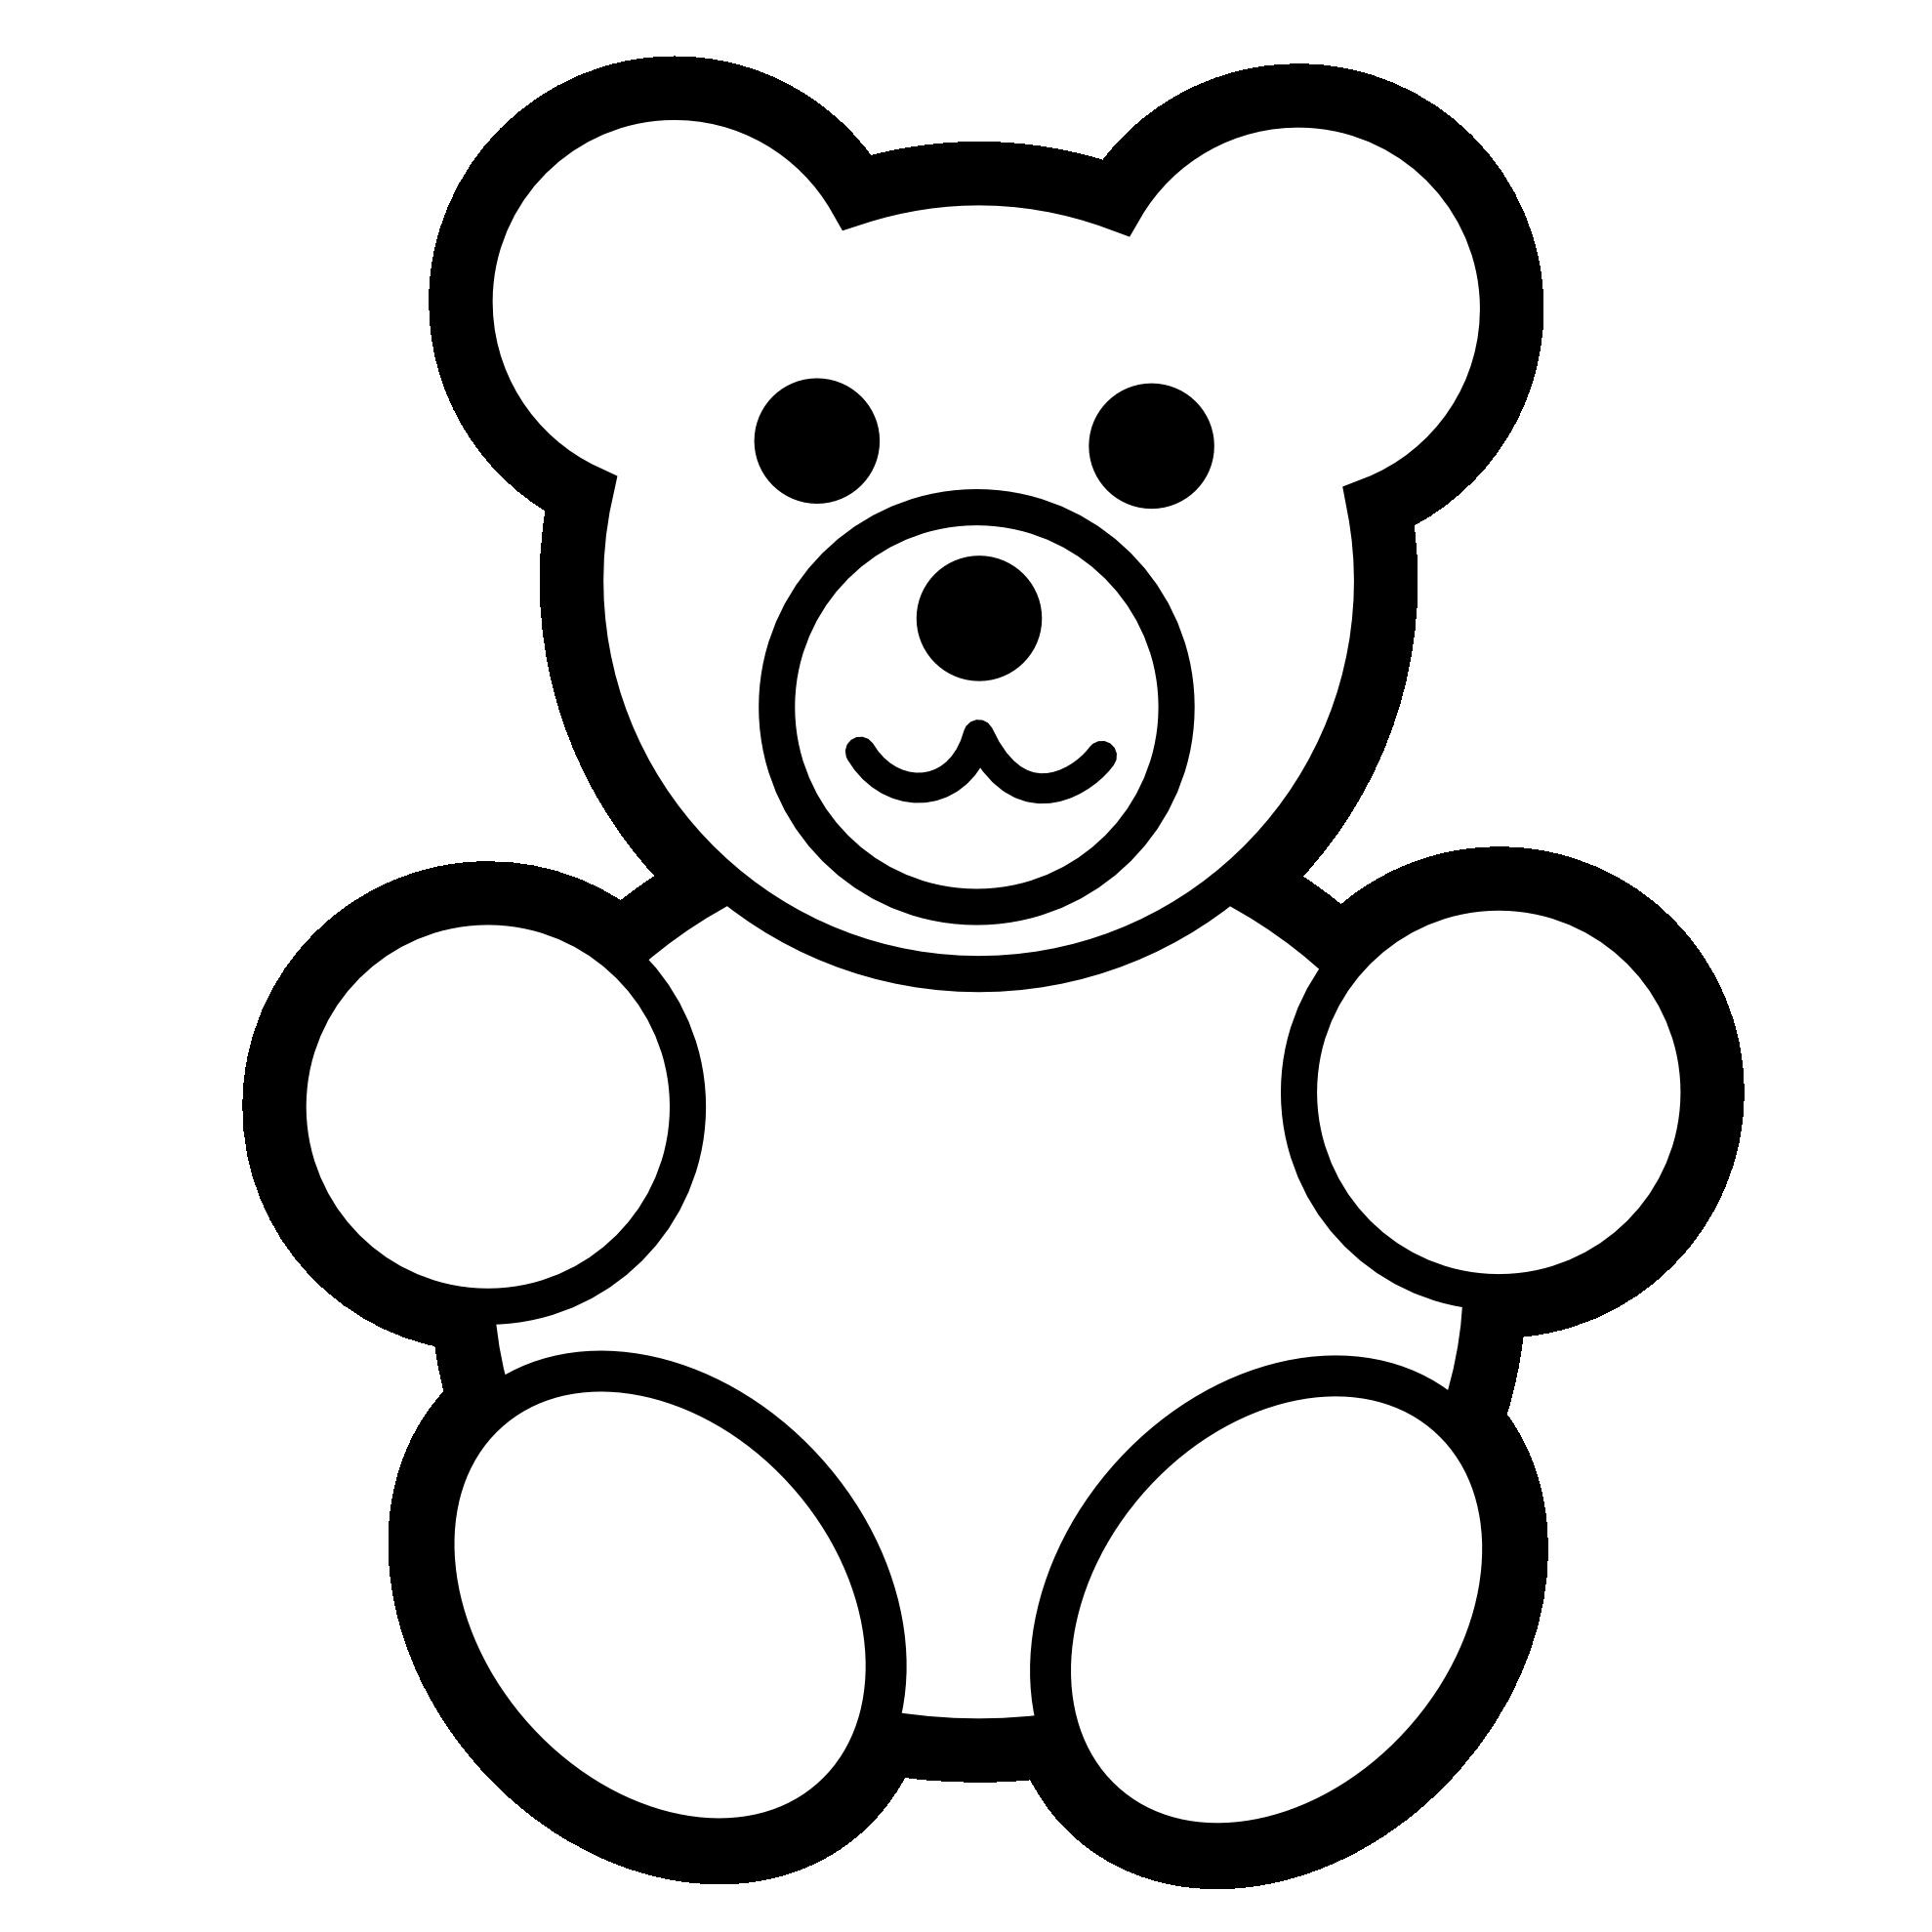 1979x1979 Teddy Bear Clip Art On Teddy Bears Clip Art And Bears Clipartwiz 2